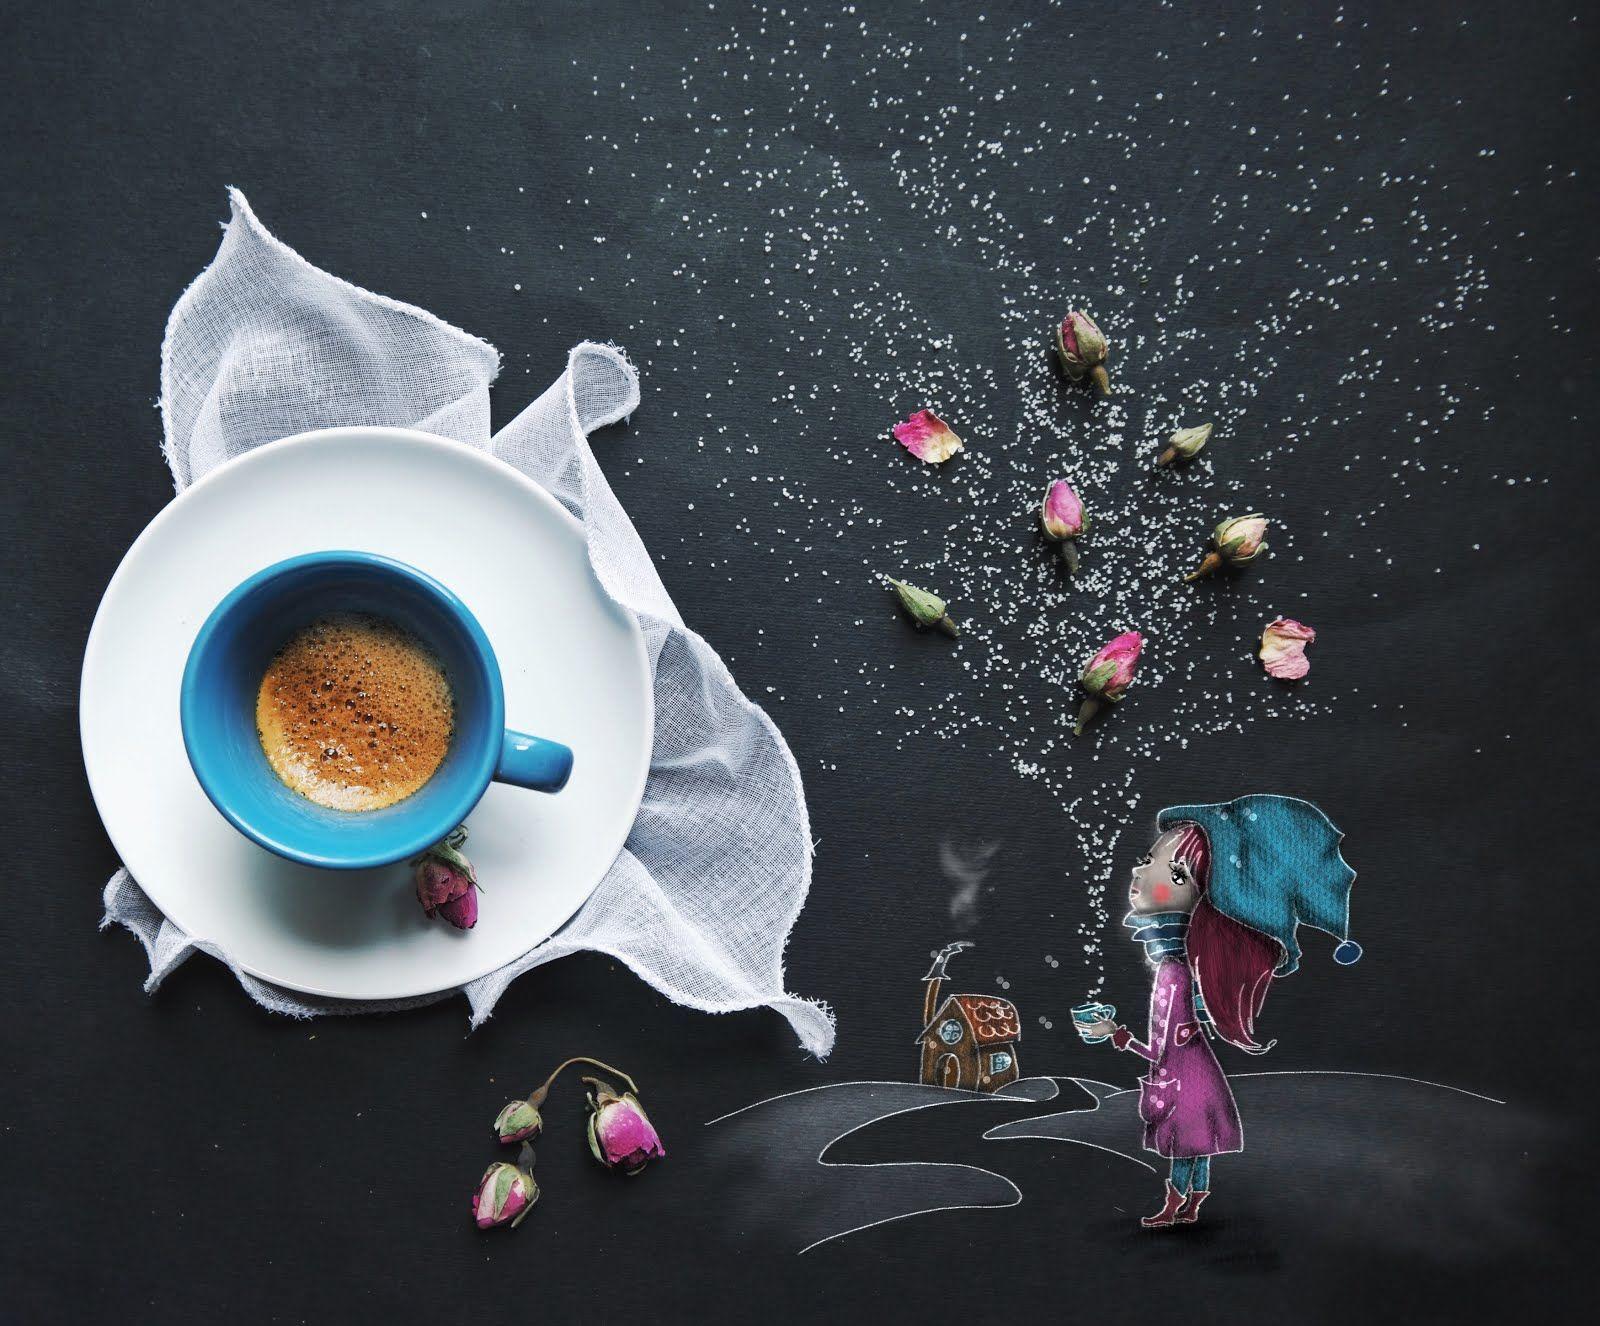 Macchina Per Caffè Cialde Immagini